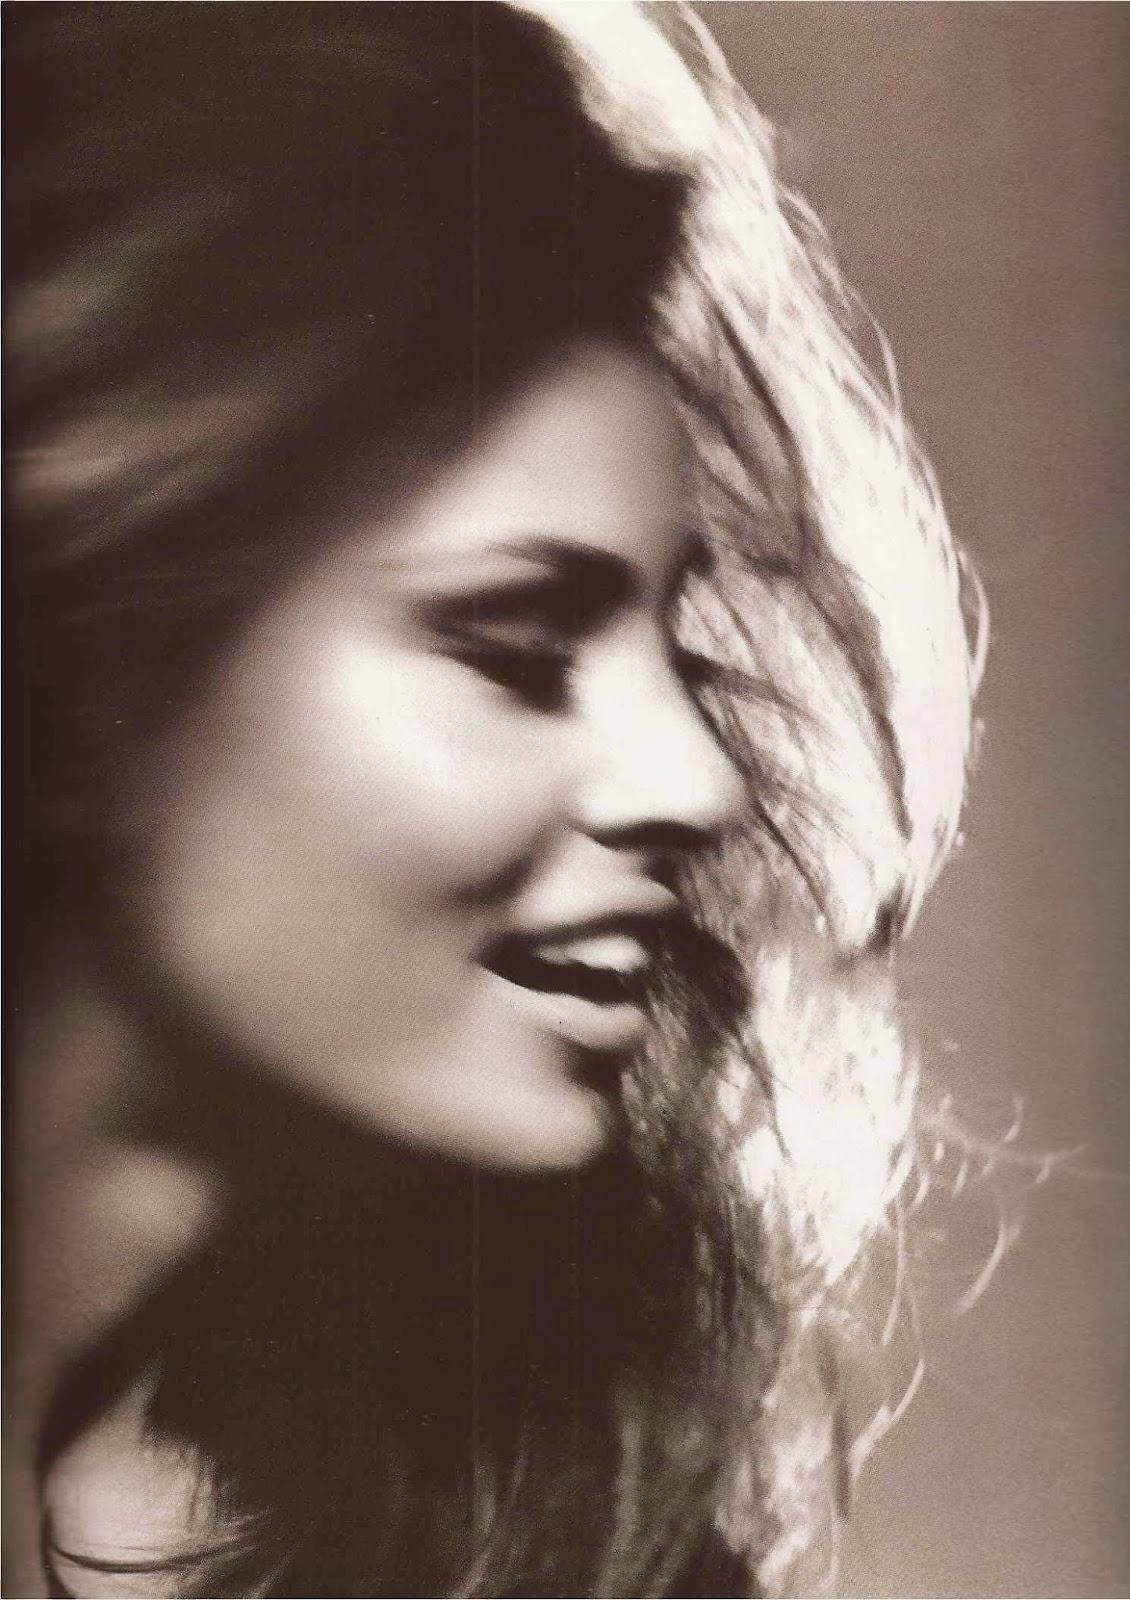 Sofia Vergara born July 10, 1972 (age 46) picture